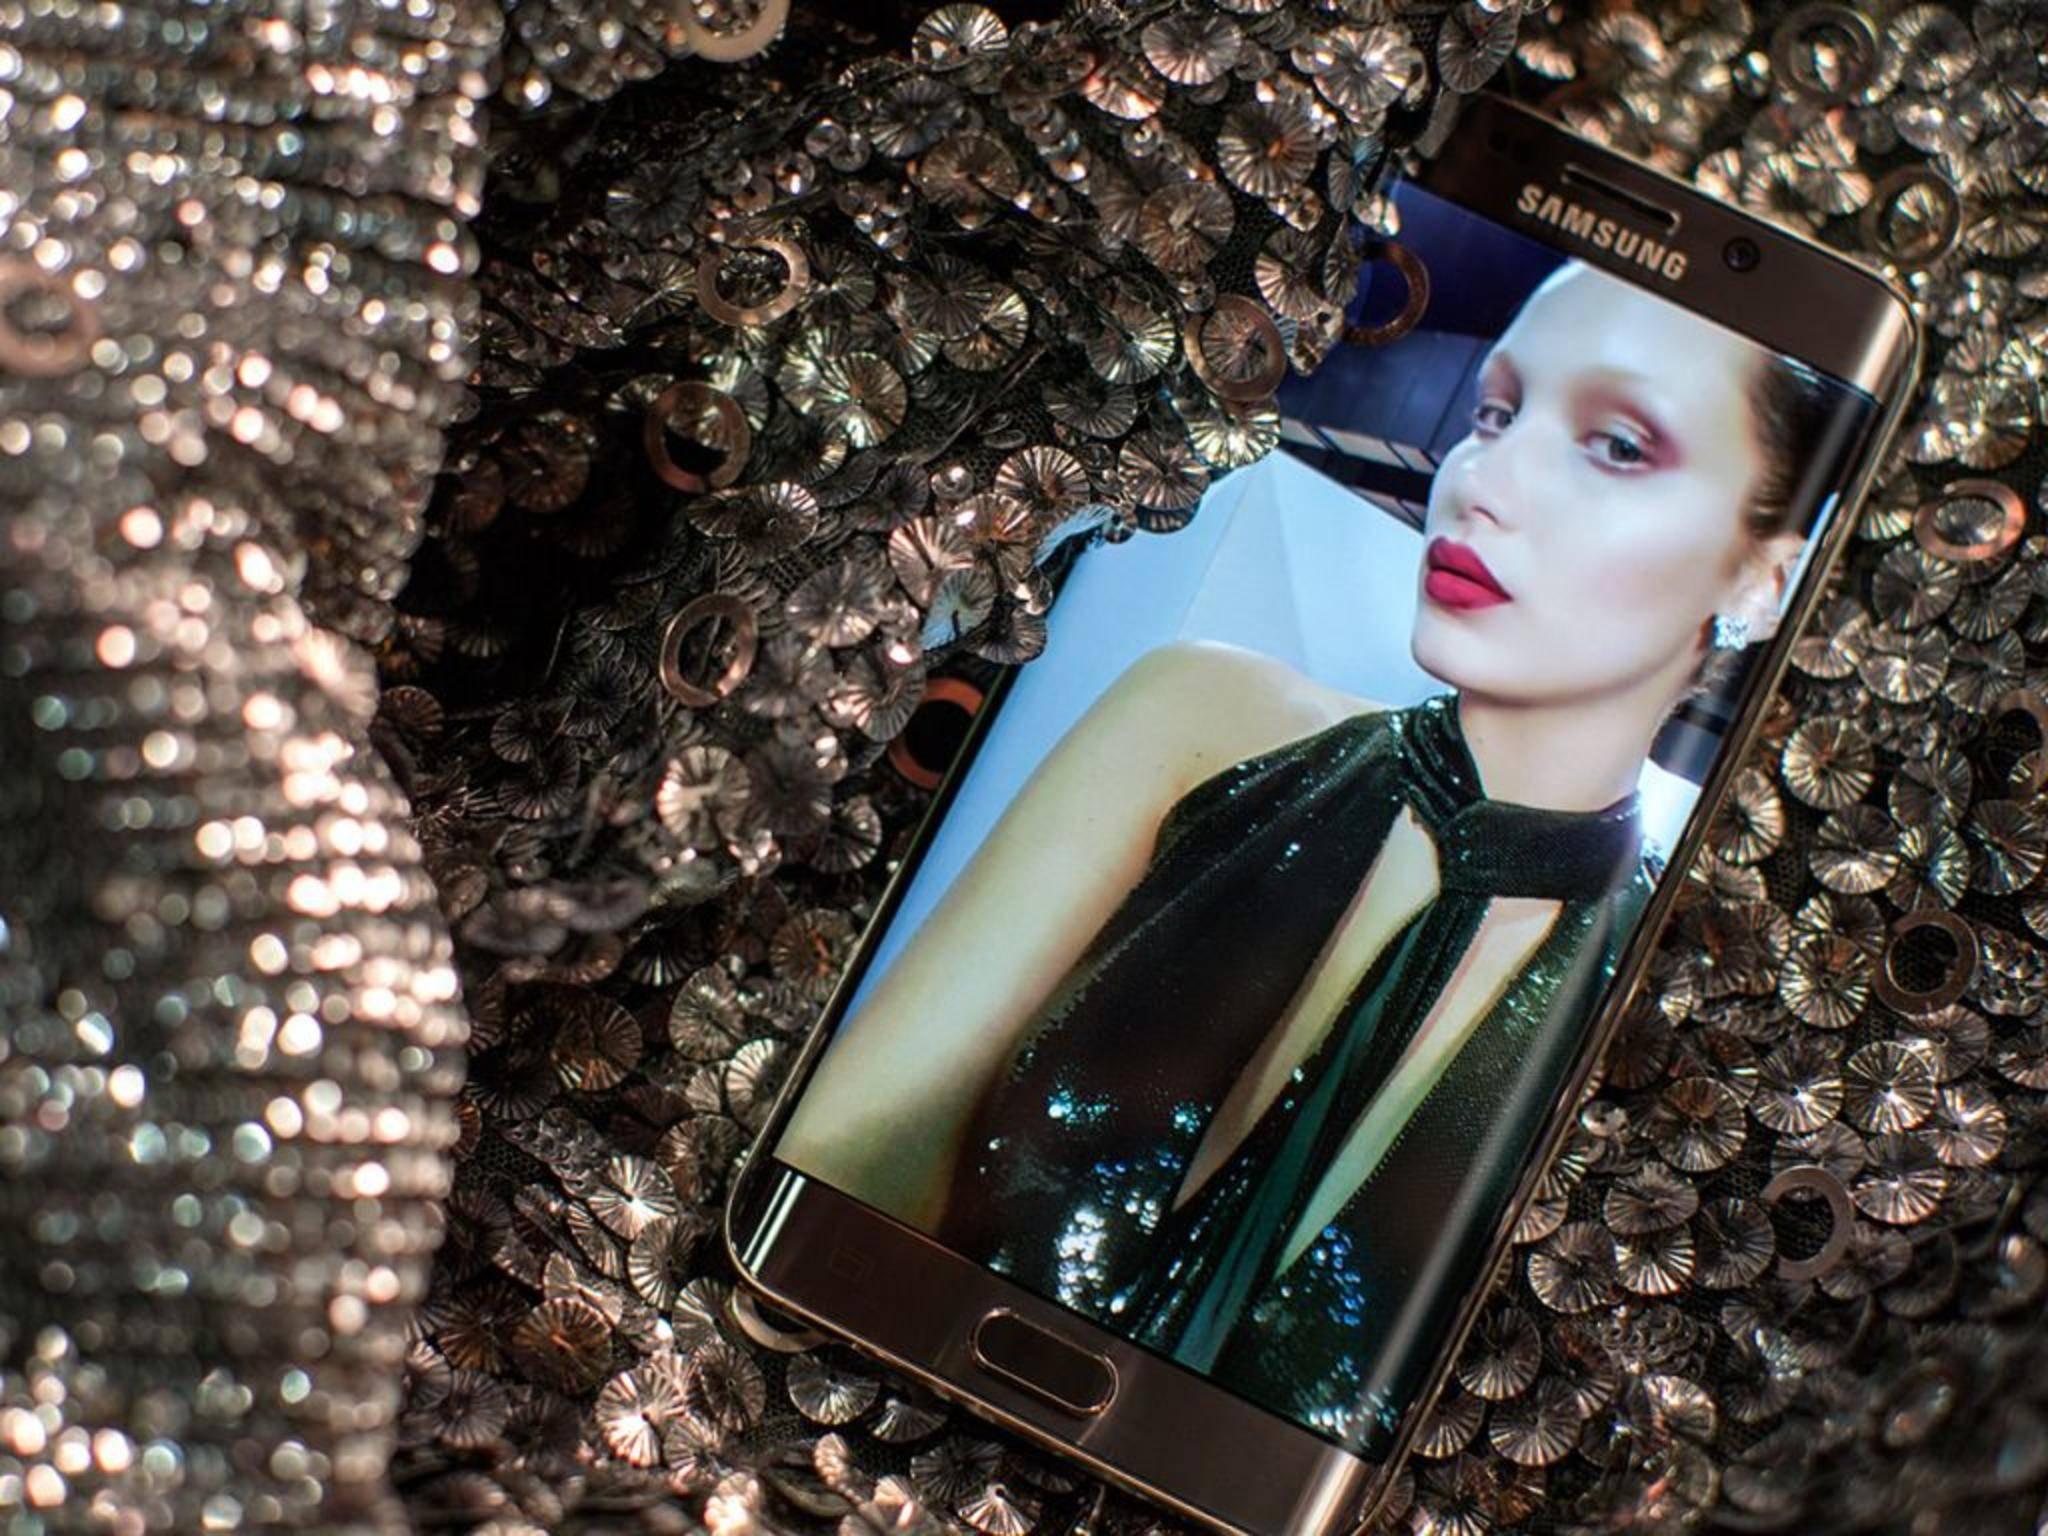 Das Samsung Galaxy S6 Edge+ kommt auch bei iPhone-Nutzern an.